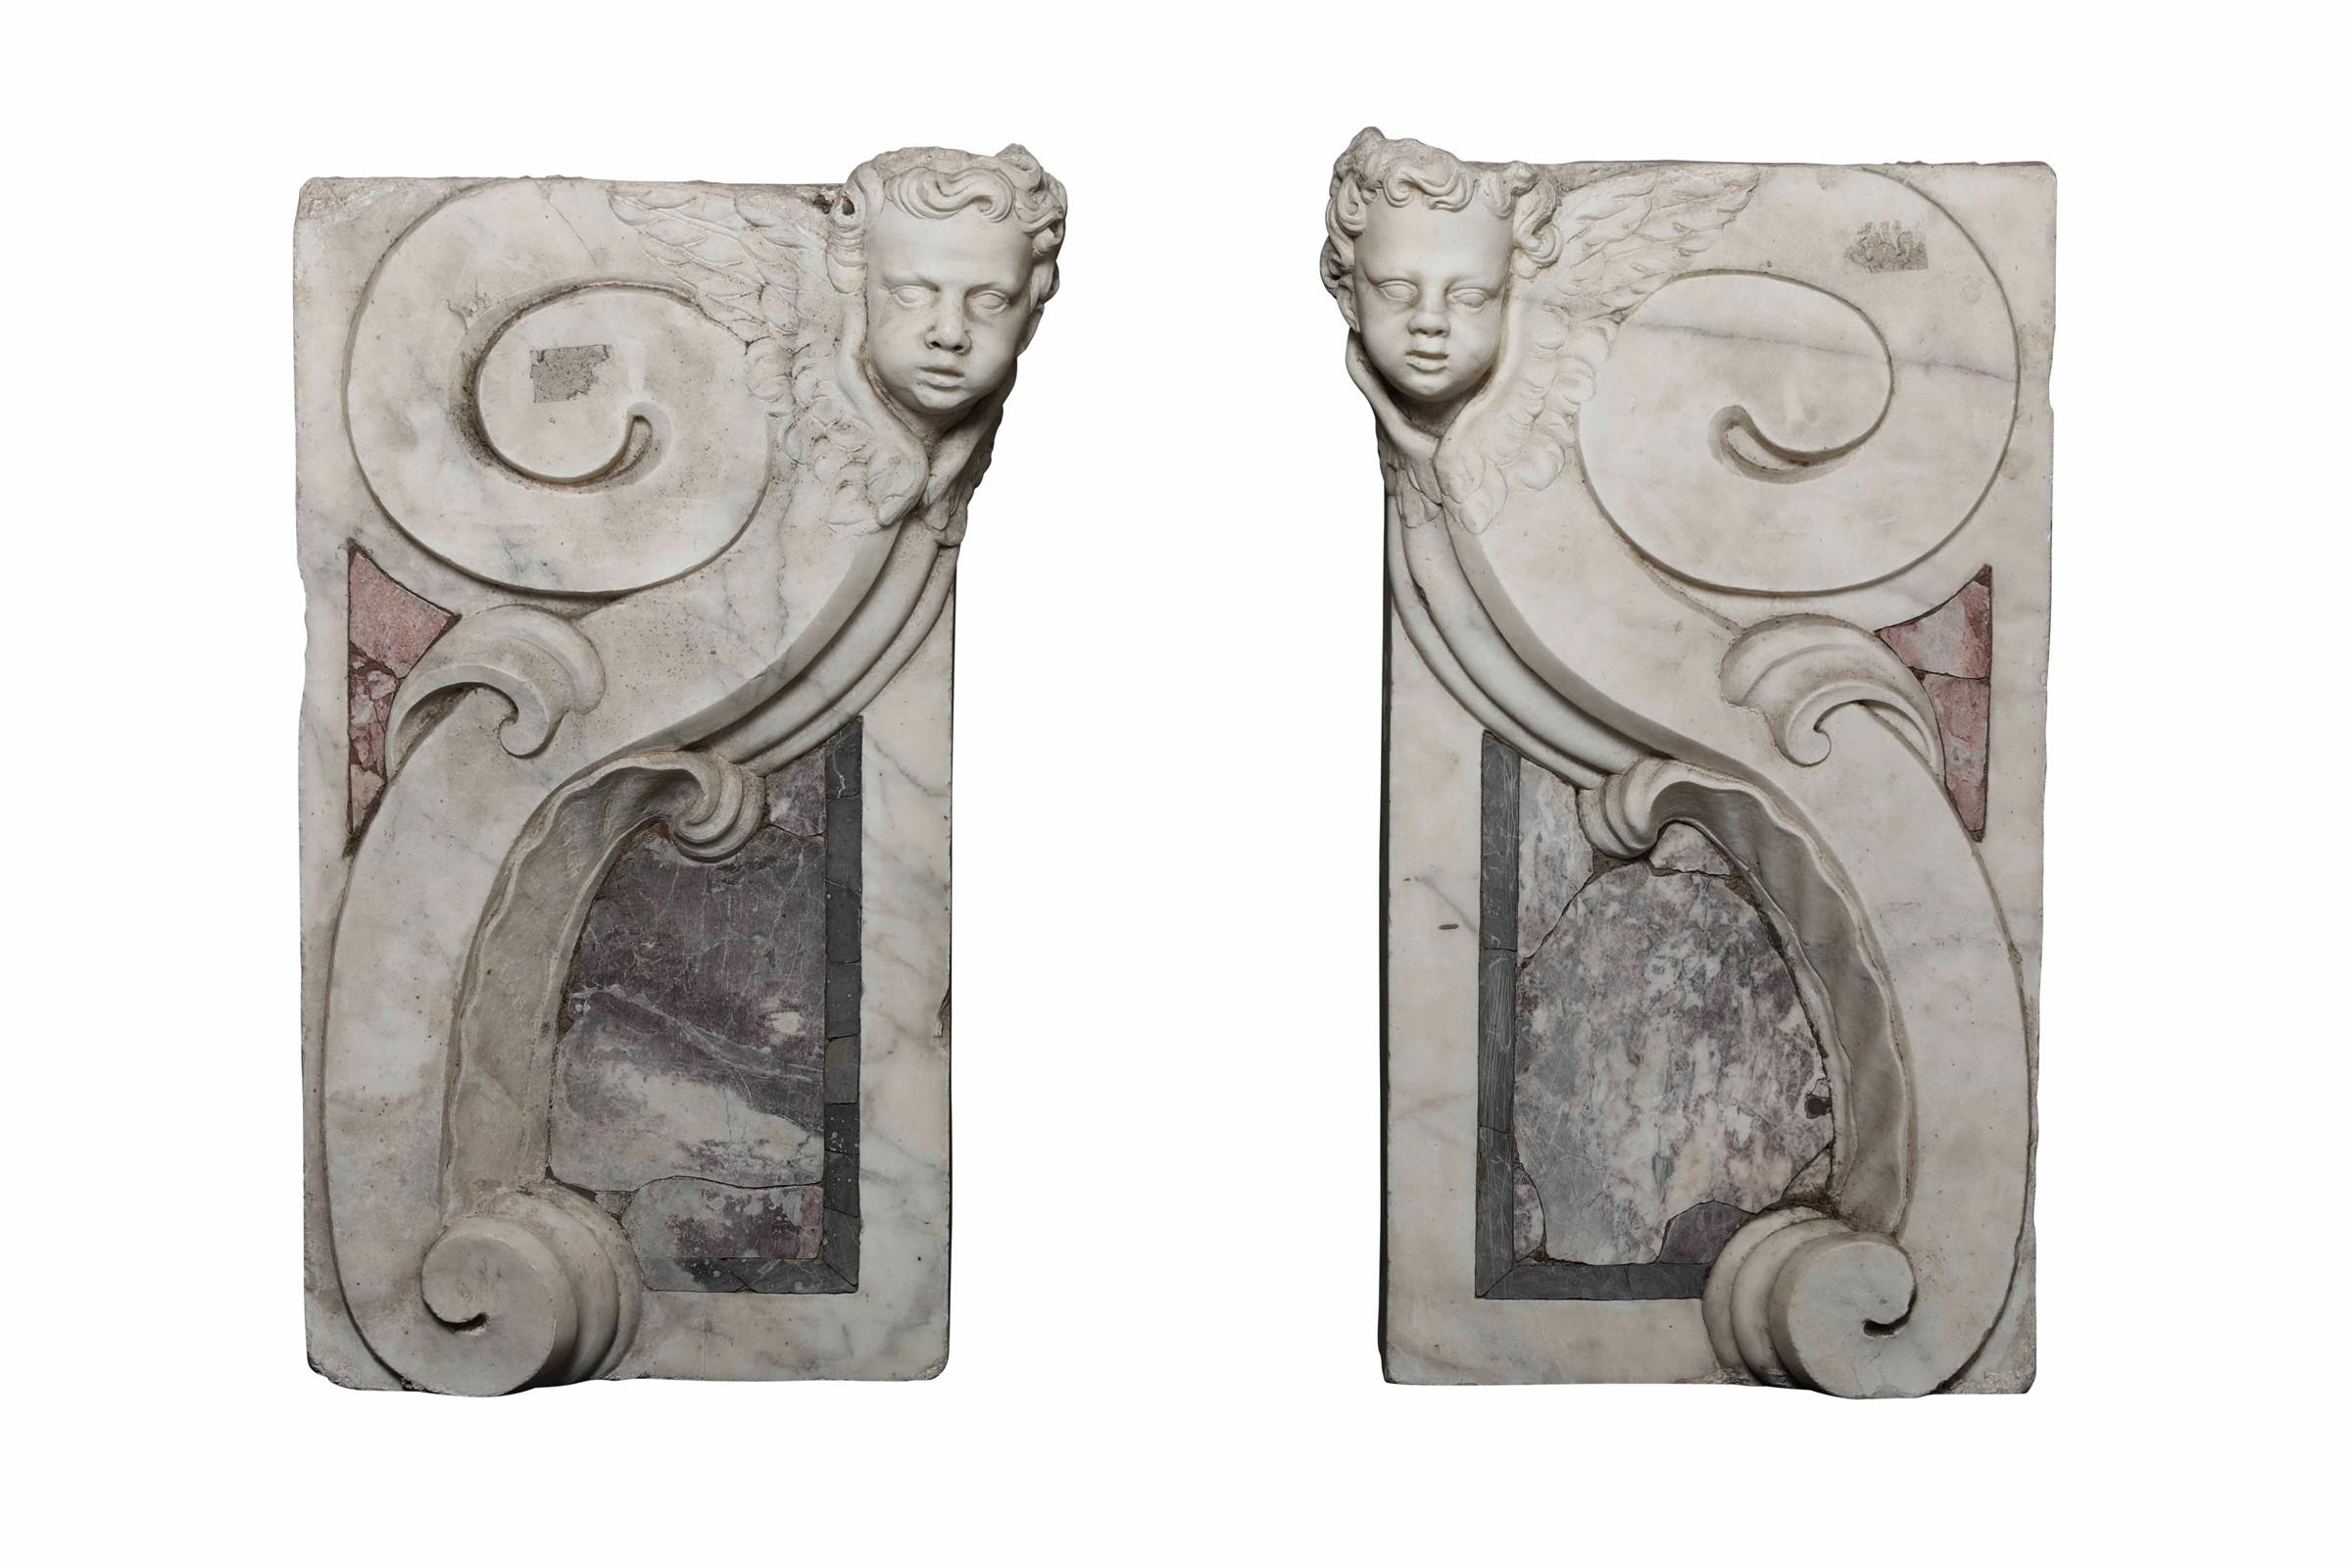 Lot 108 - Coppia di mensole in marmo bianco e breccia colorata. Arte barocca italiana, [...]